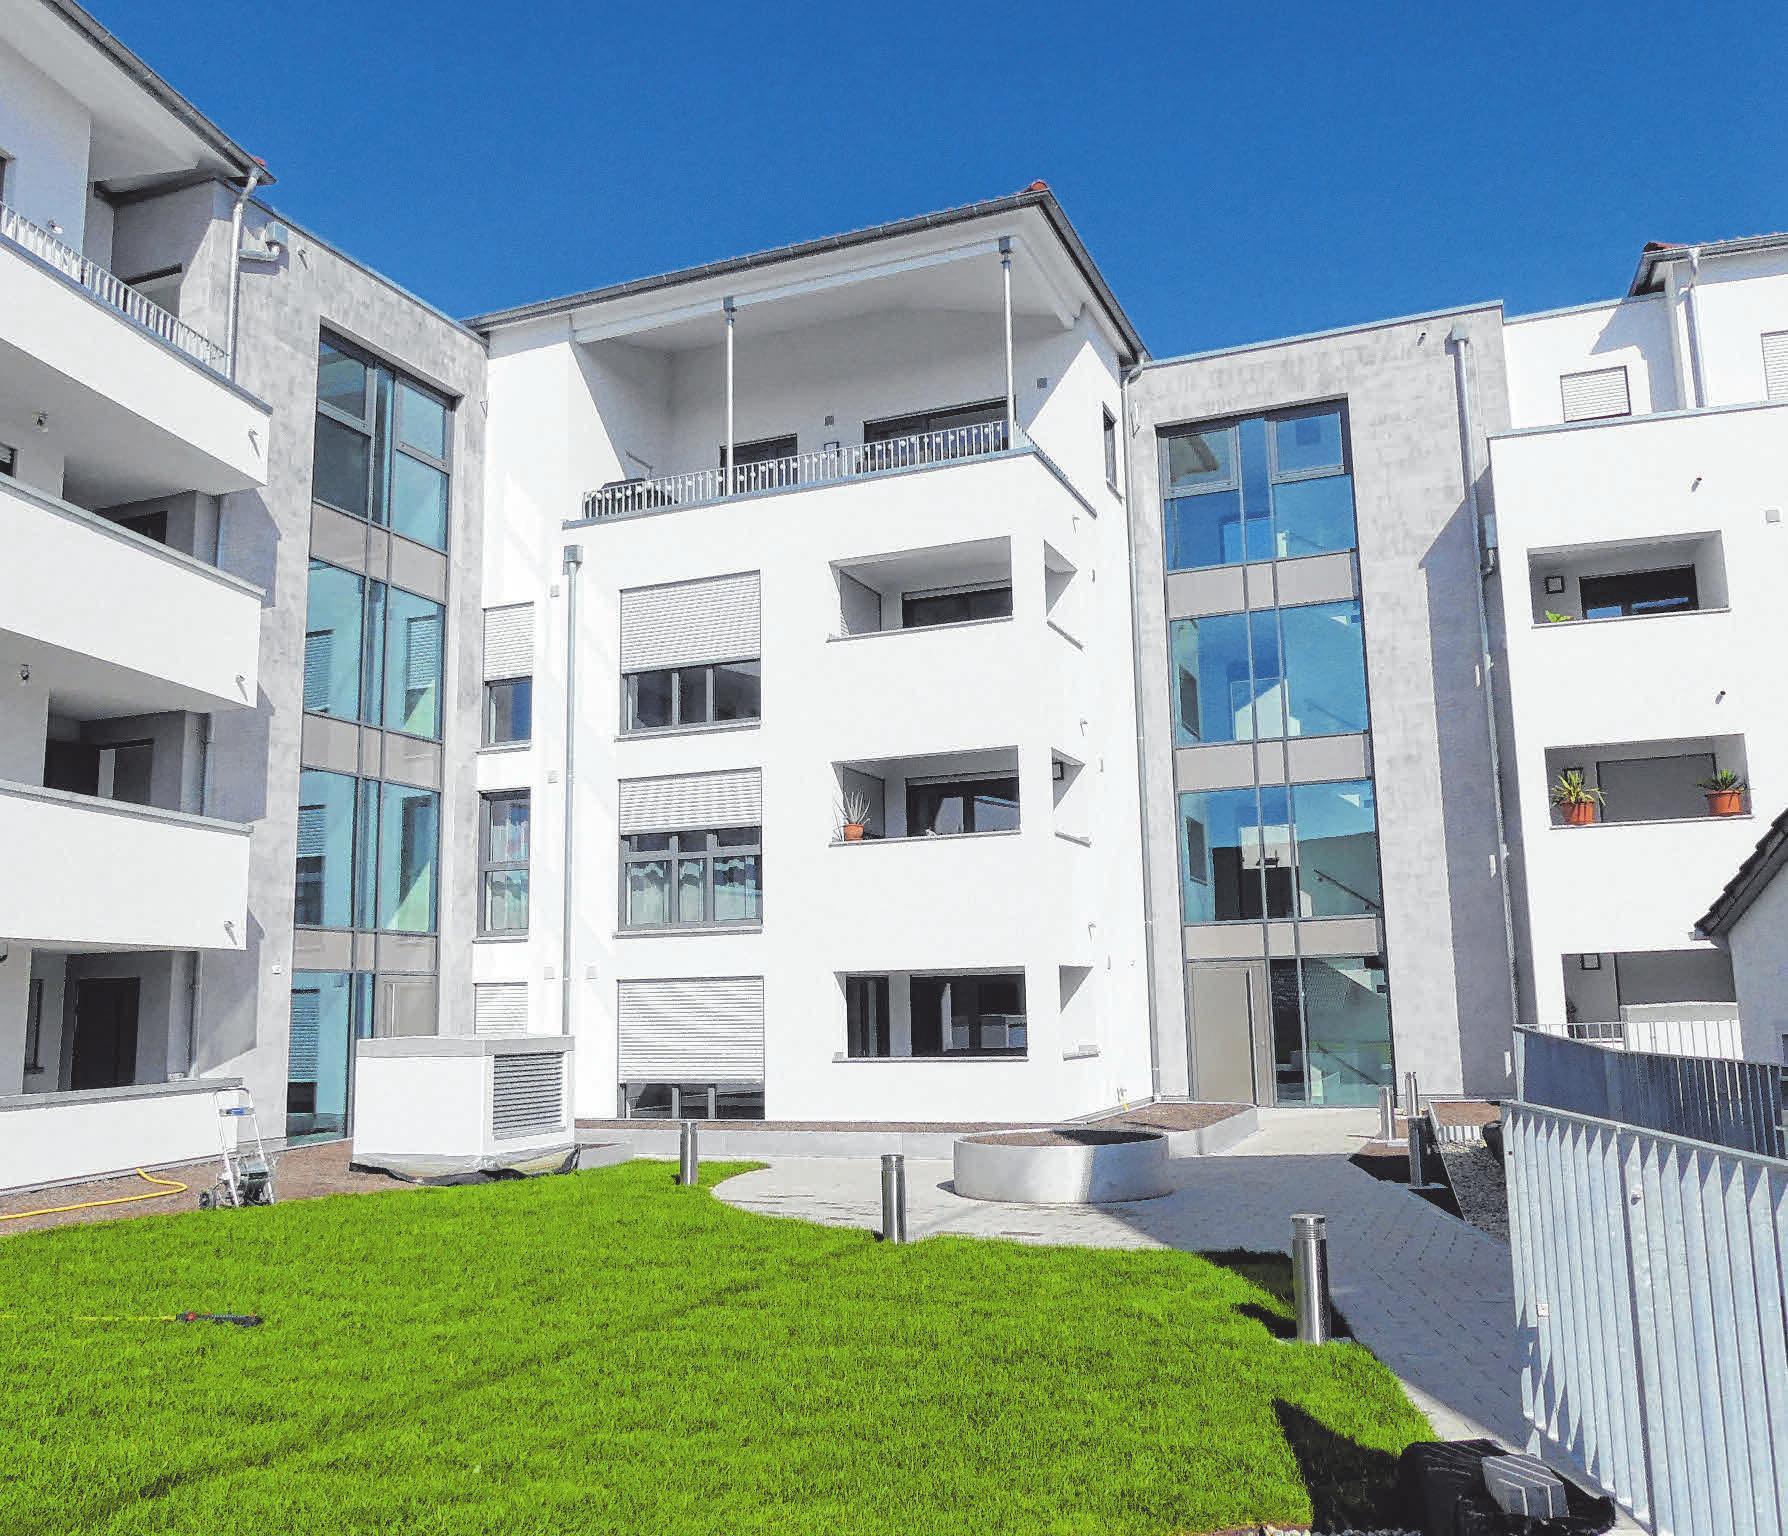 Zwei großzügig gestaltete Treppenhäuser trennen die drei Häuser mit den Wohnungen.